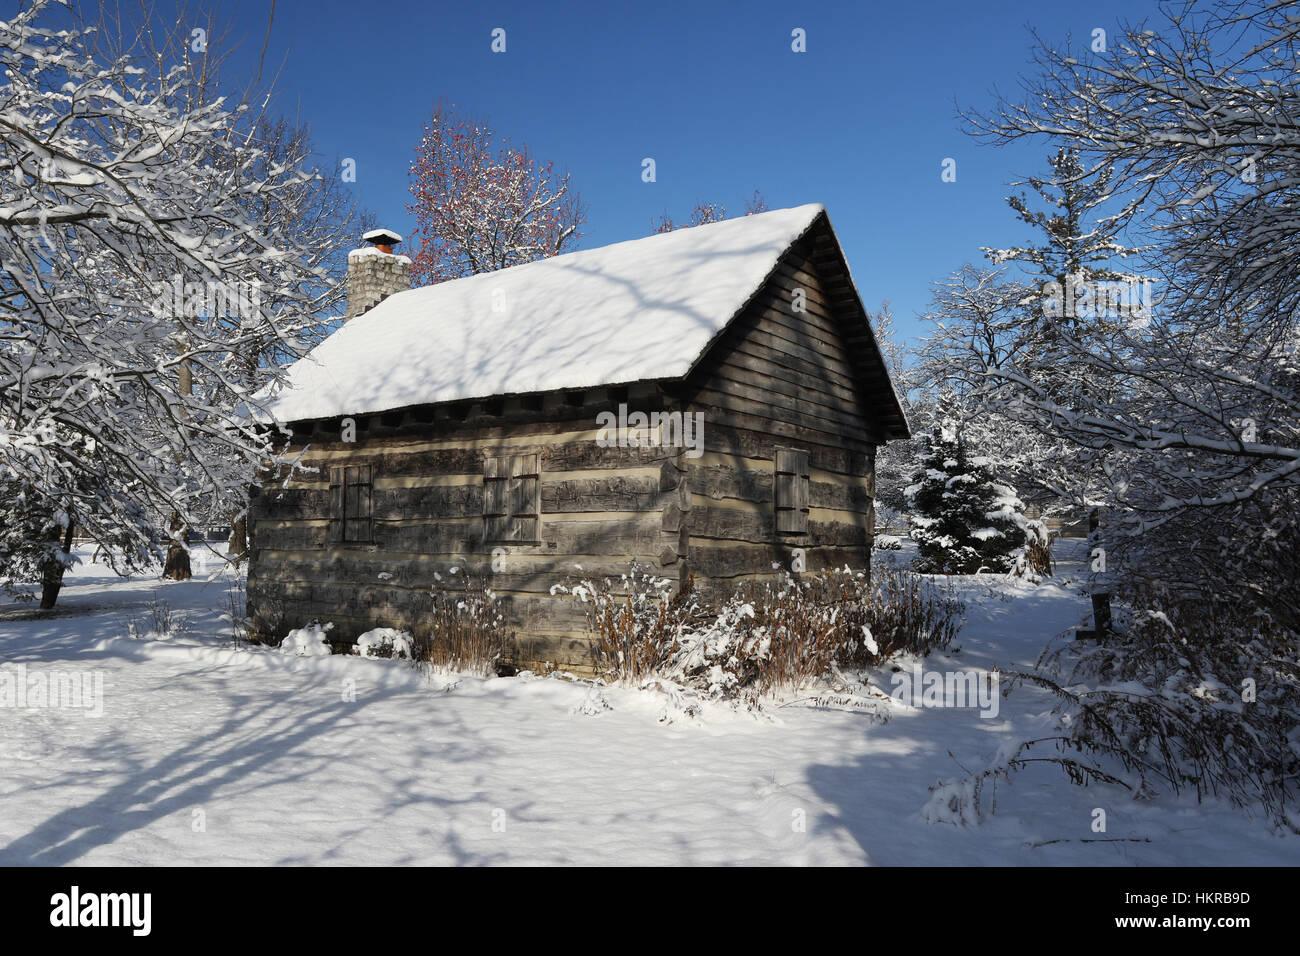 Log Cabin in Winter Snow at Wartinger Park, Beavercreek